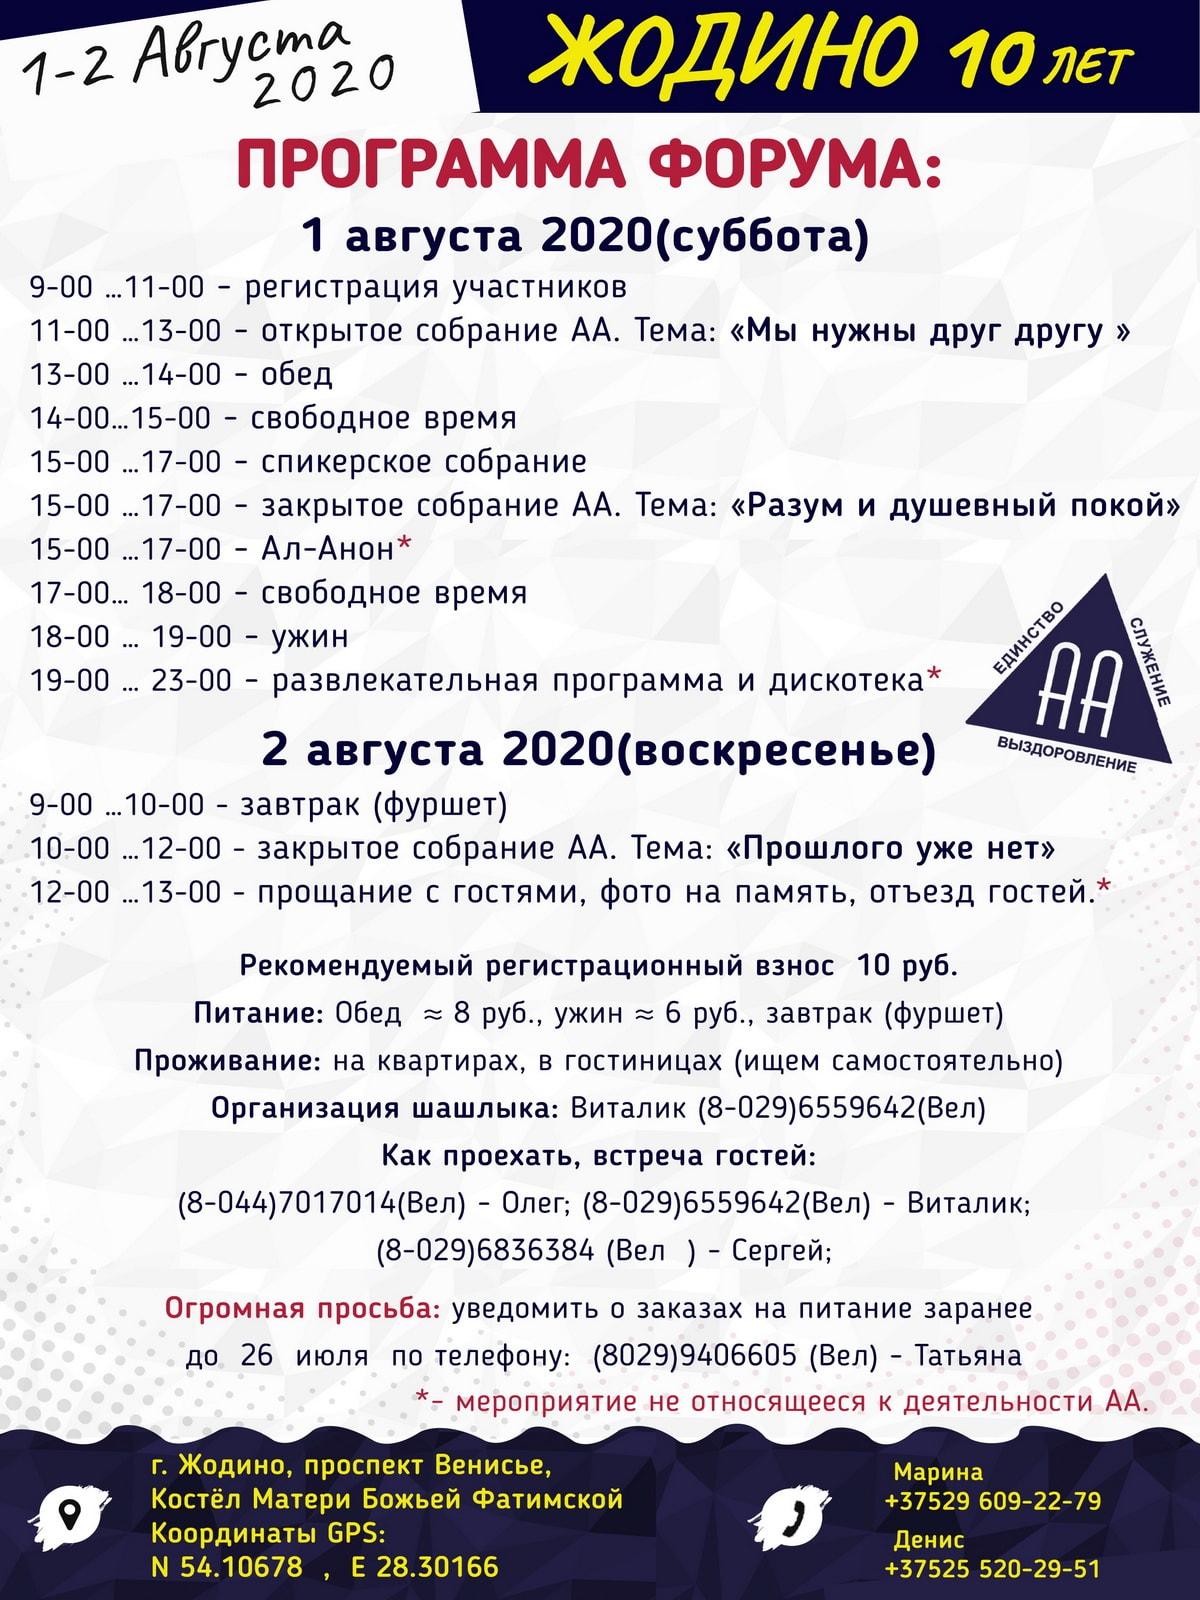 Программа форума АА в Жодино